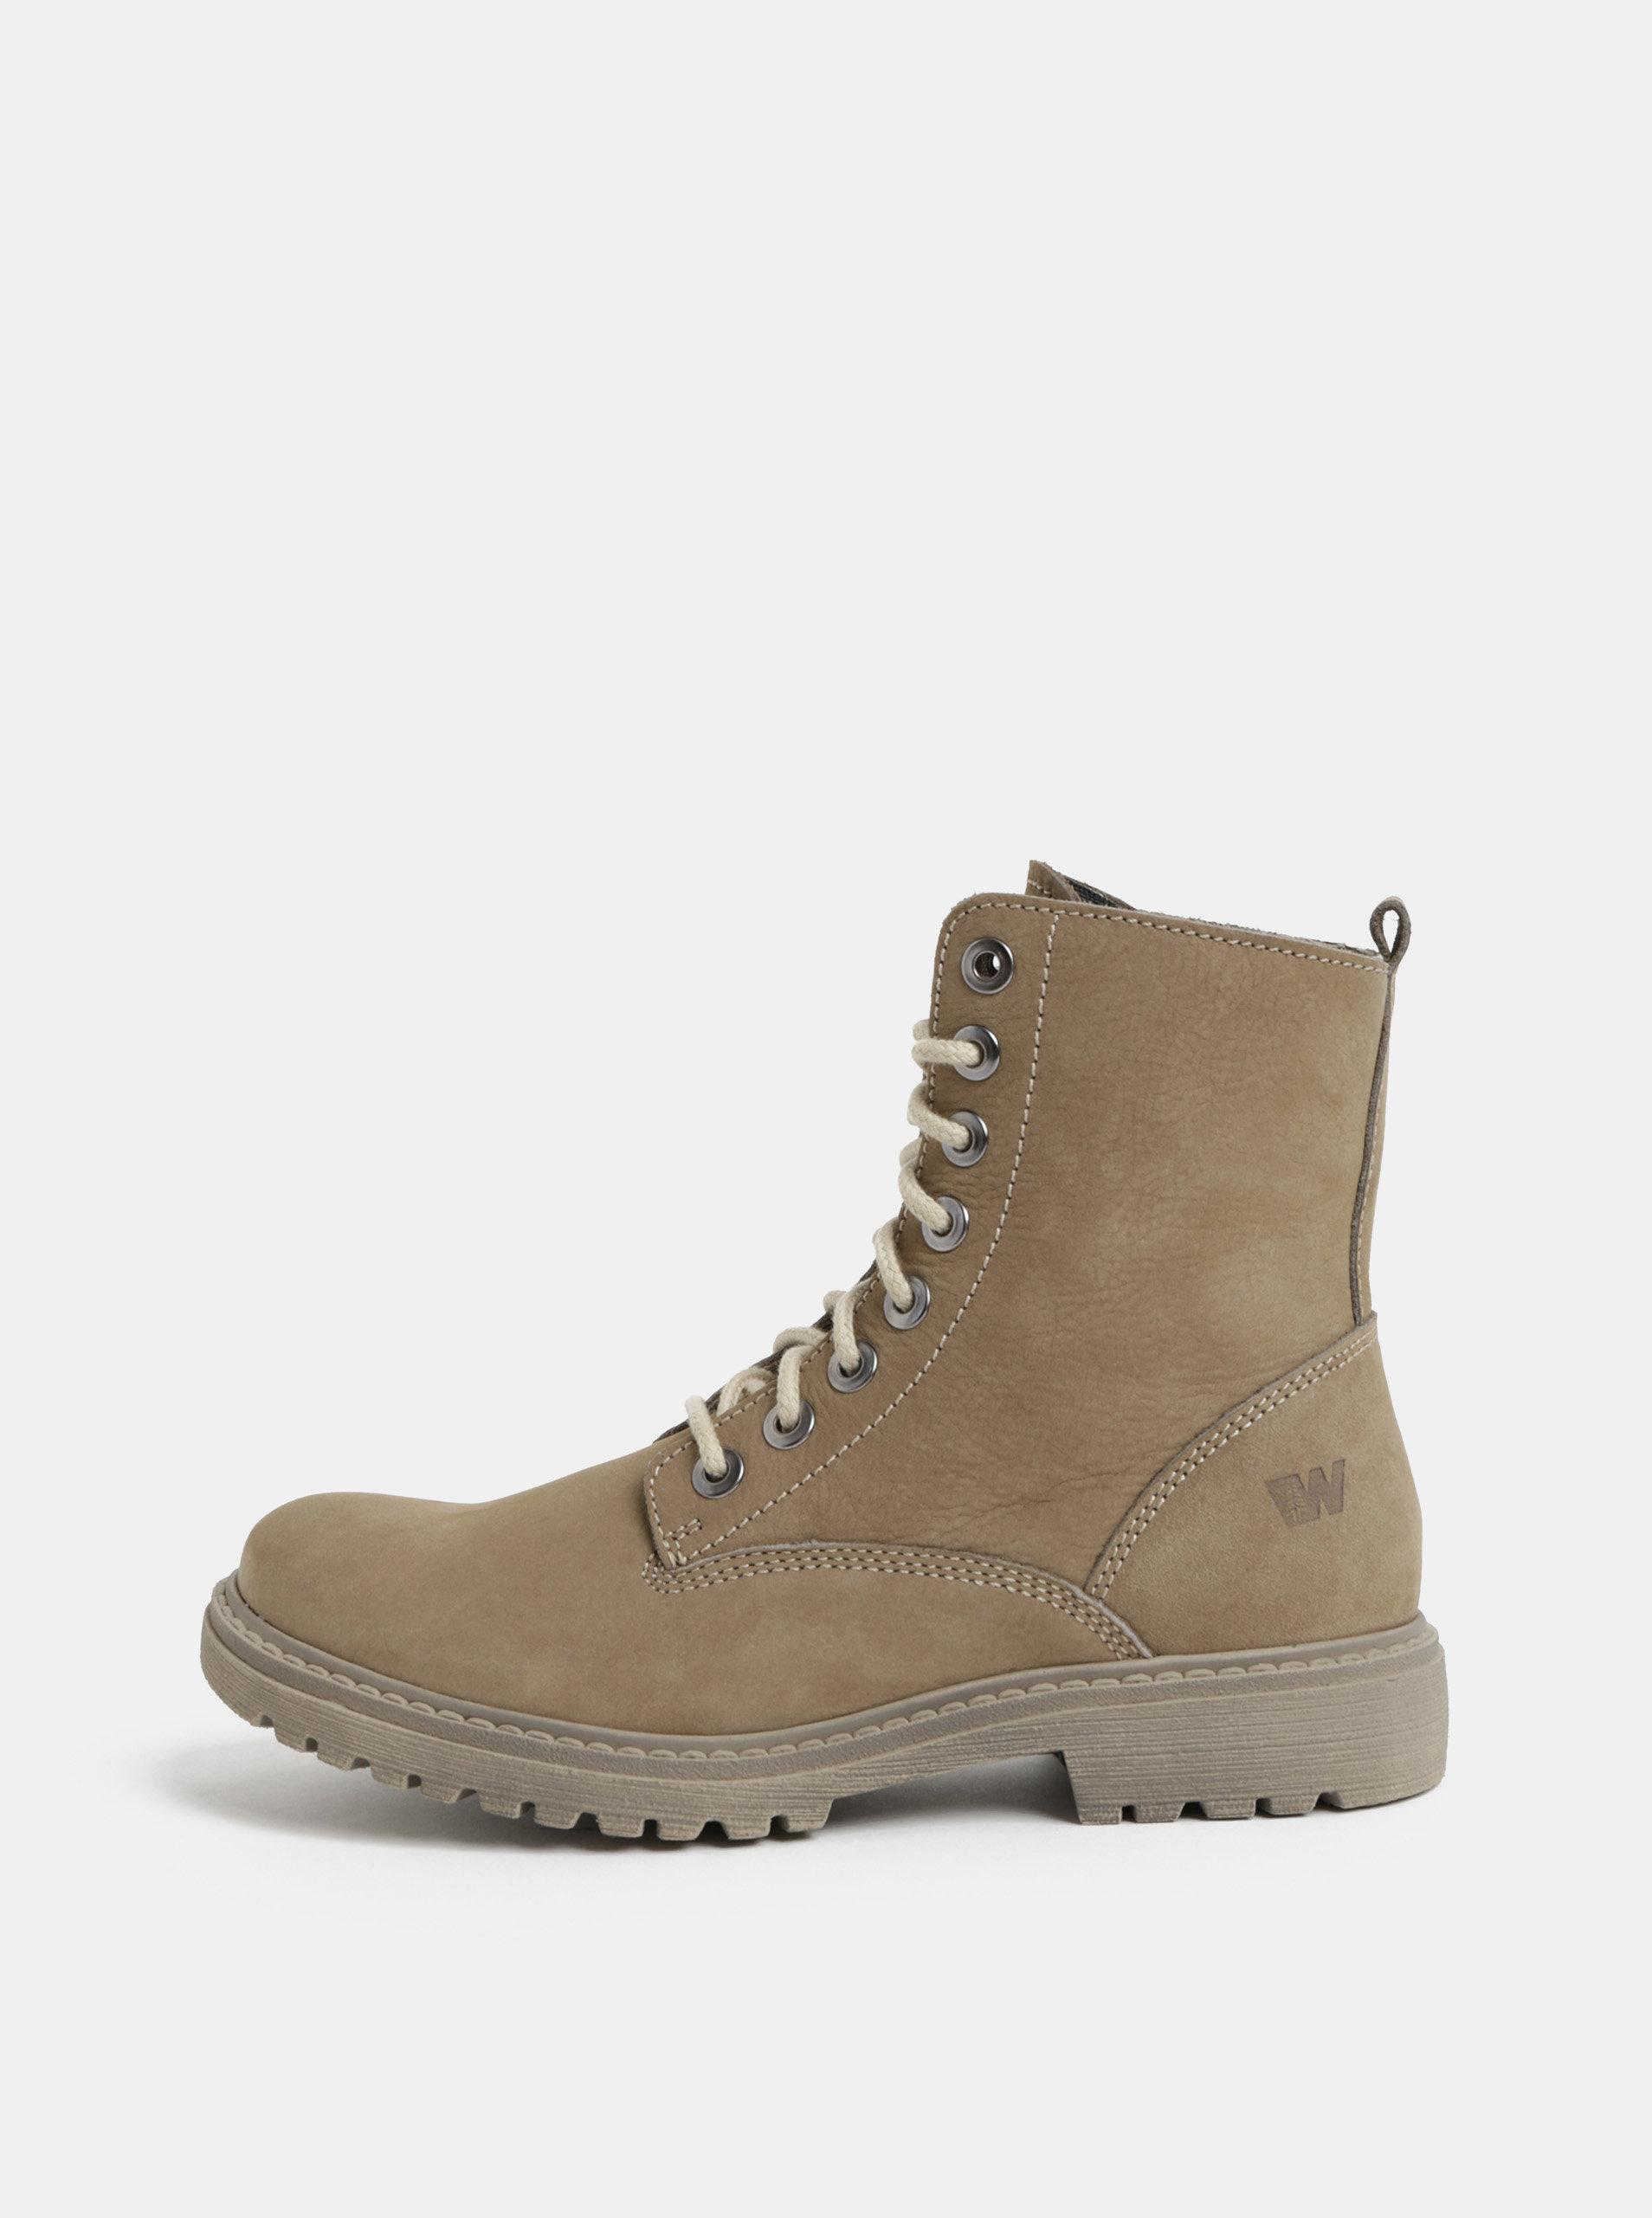 0db484f9399df Béžové dámske kožené členkové topánky Weinbrenner | ZOOT.sk